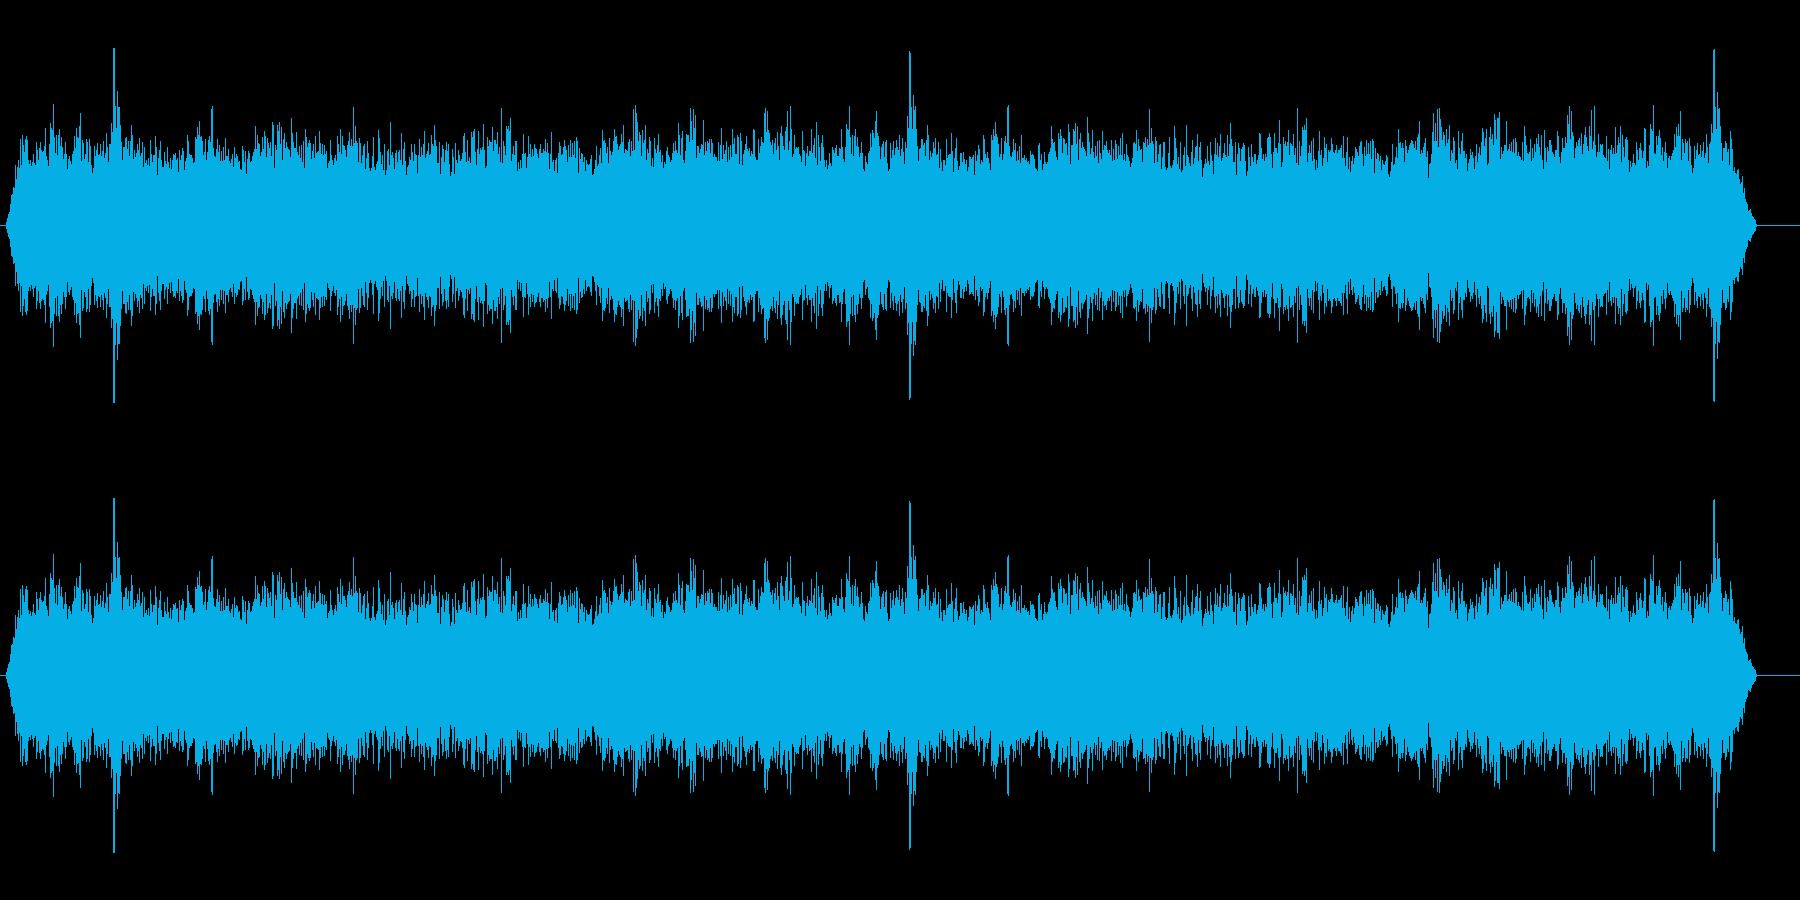 背景音 雪山 2の再生済みの波形